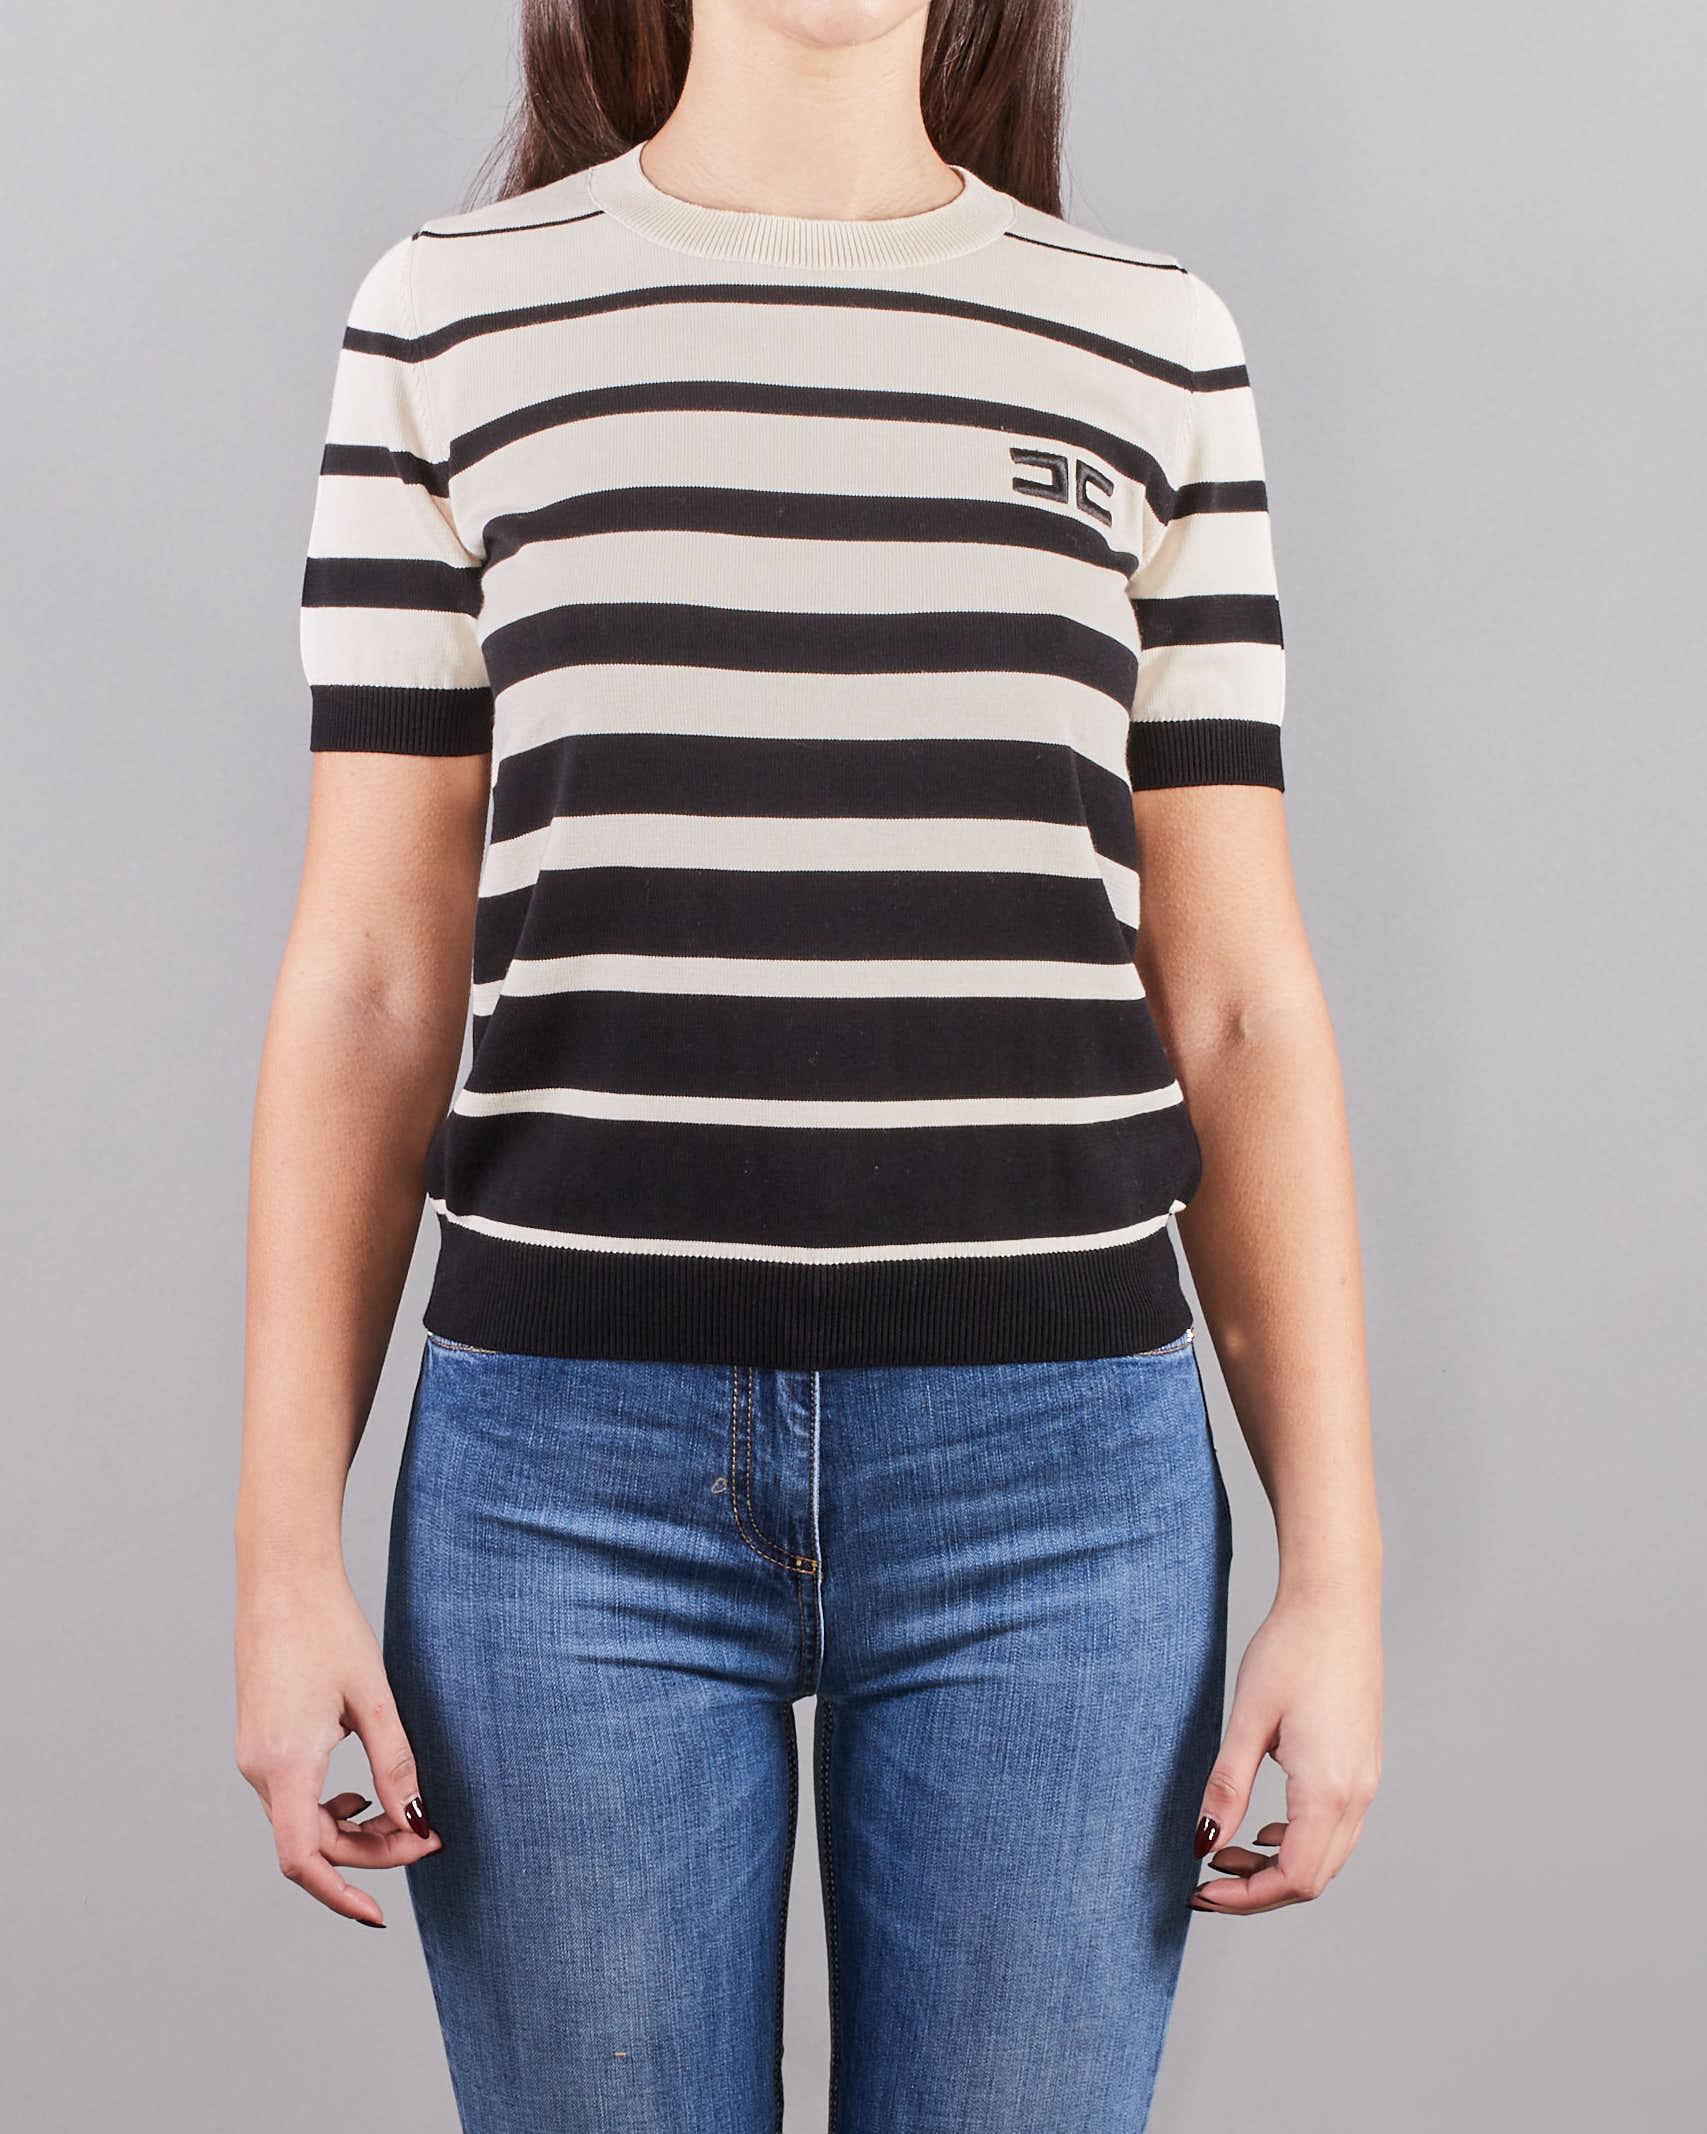 Maglia tricot a manica corta Elisabetta Franchi ELISABETTA FRANCHI   Maglia   MK11T11E2685